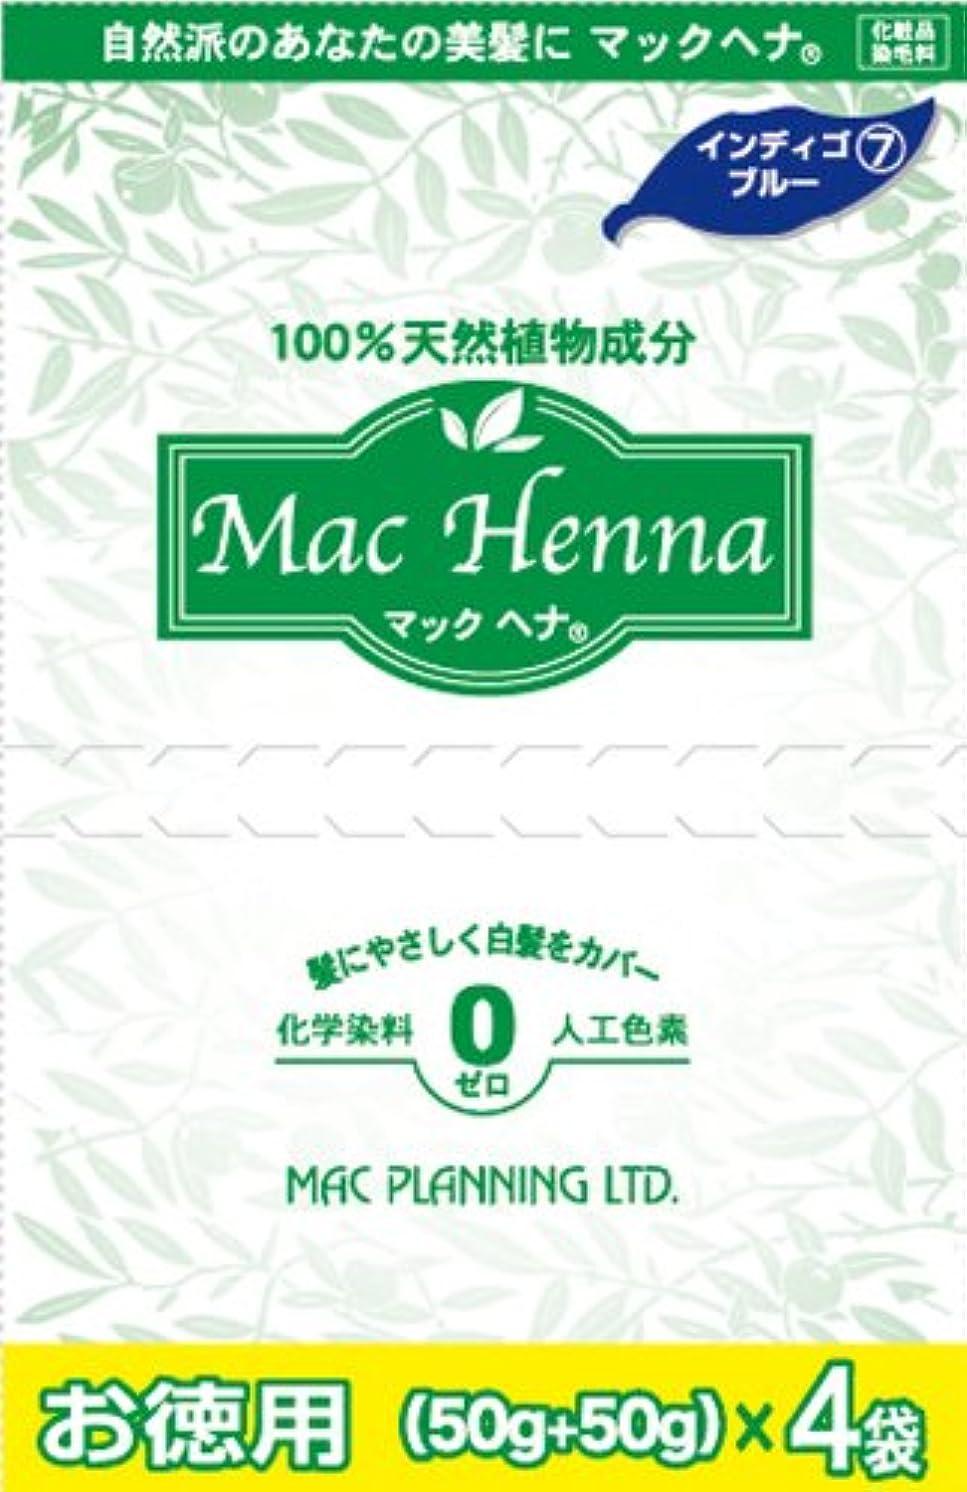 ズームインするルーム巧みな天然植物原料100% 無添加 マックヘナ お徳用(インディゴブルー)-7 400g(50g+50g)×4袋  ケース(12箱入り)